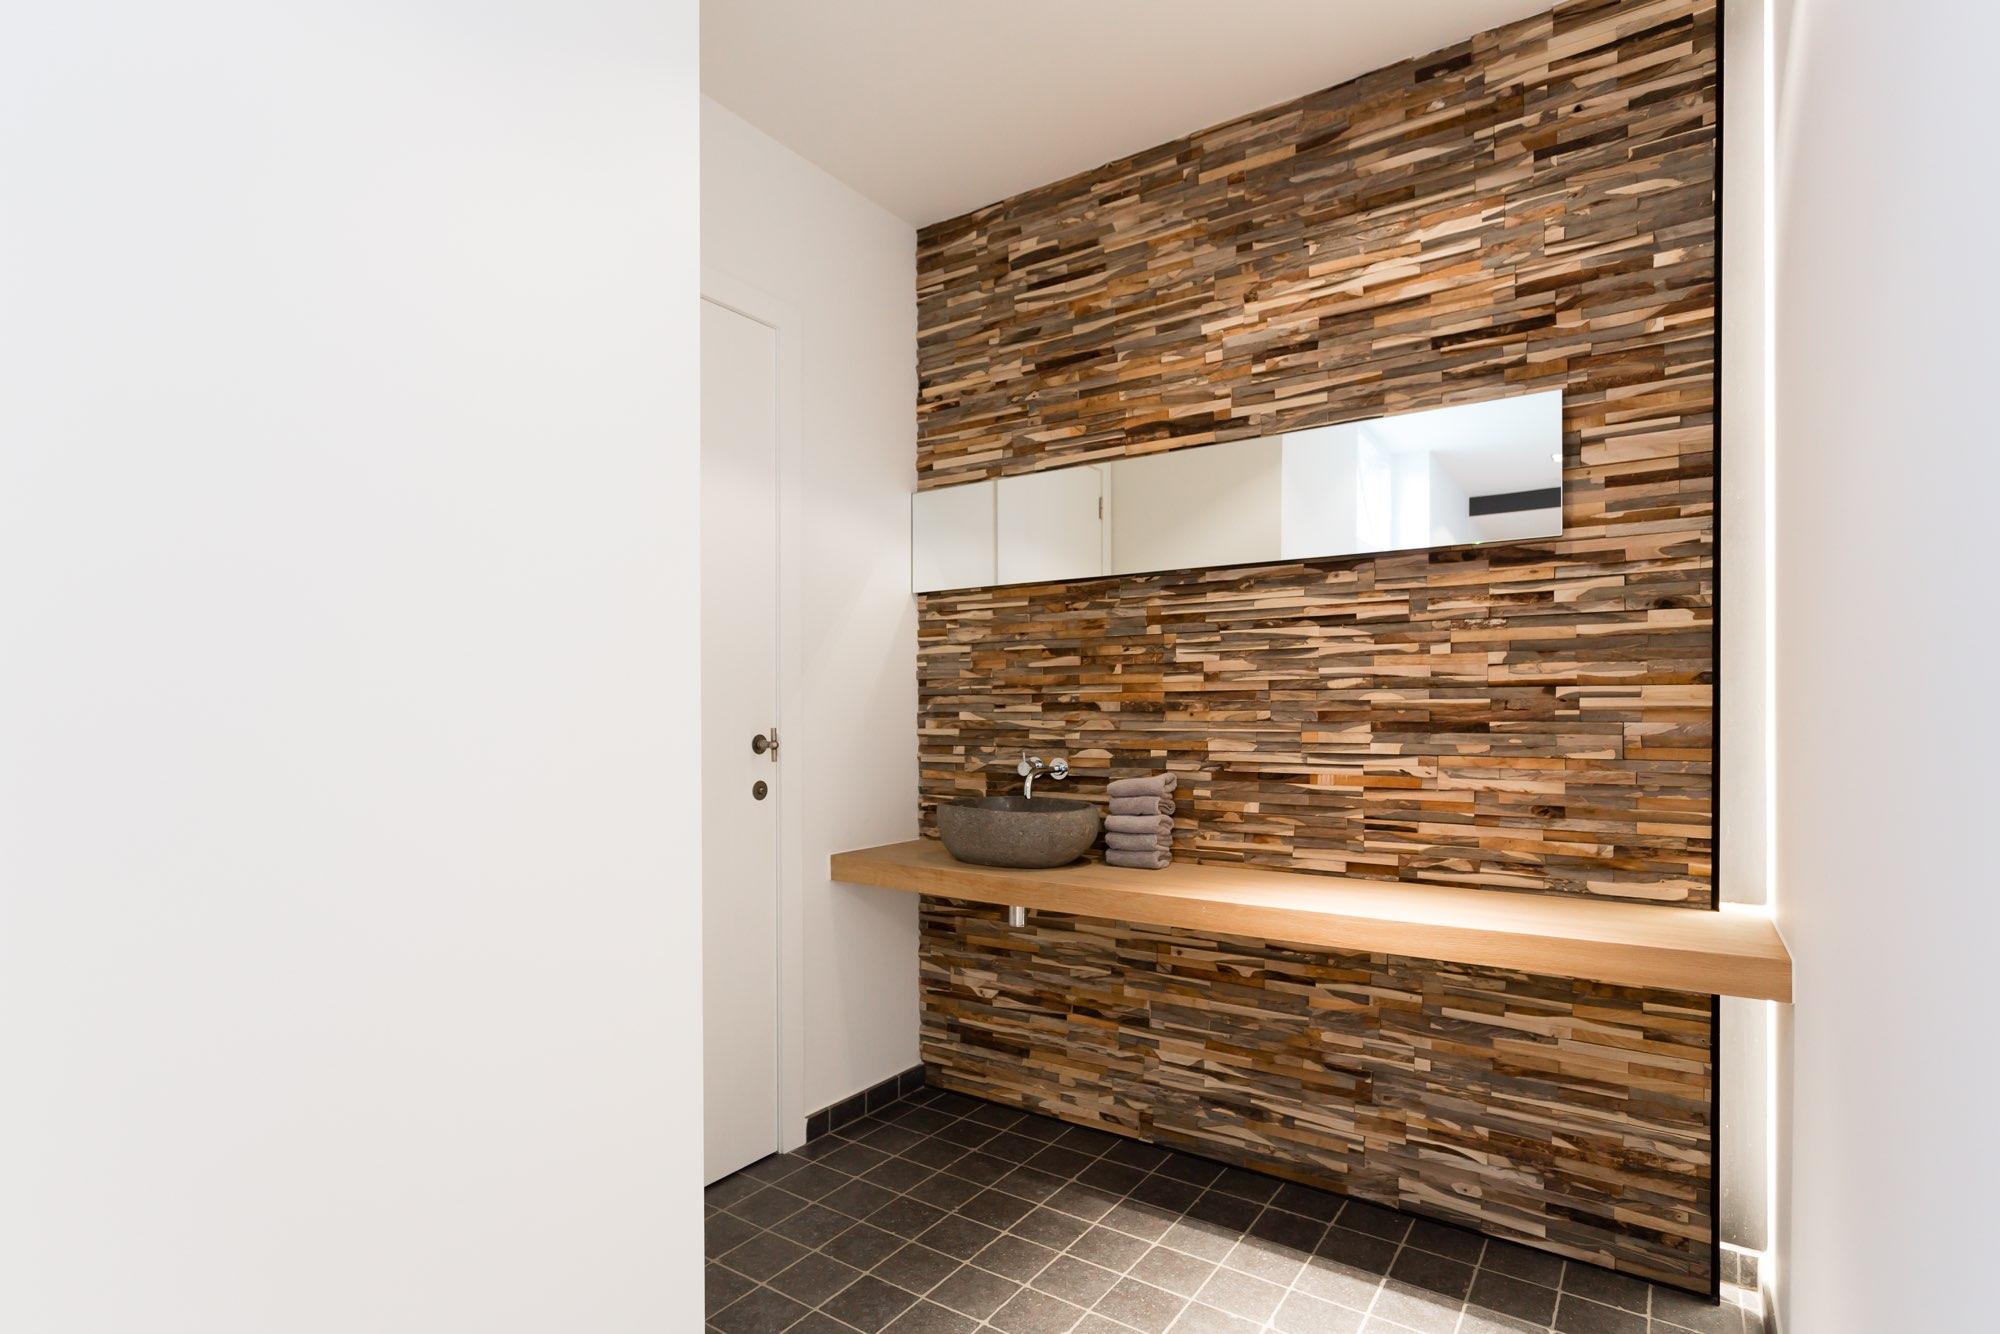 Landelijke Villa Inrichting : Studio benoit :: project in heule :: binnenhuisarchitect willem benoit